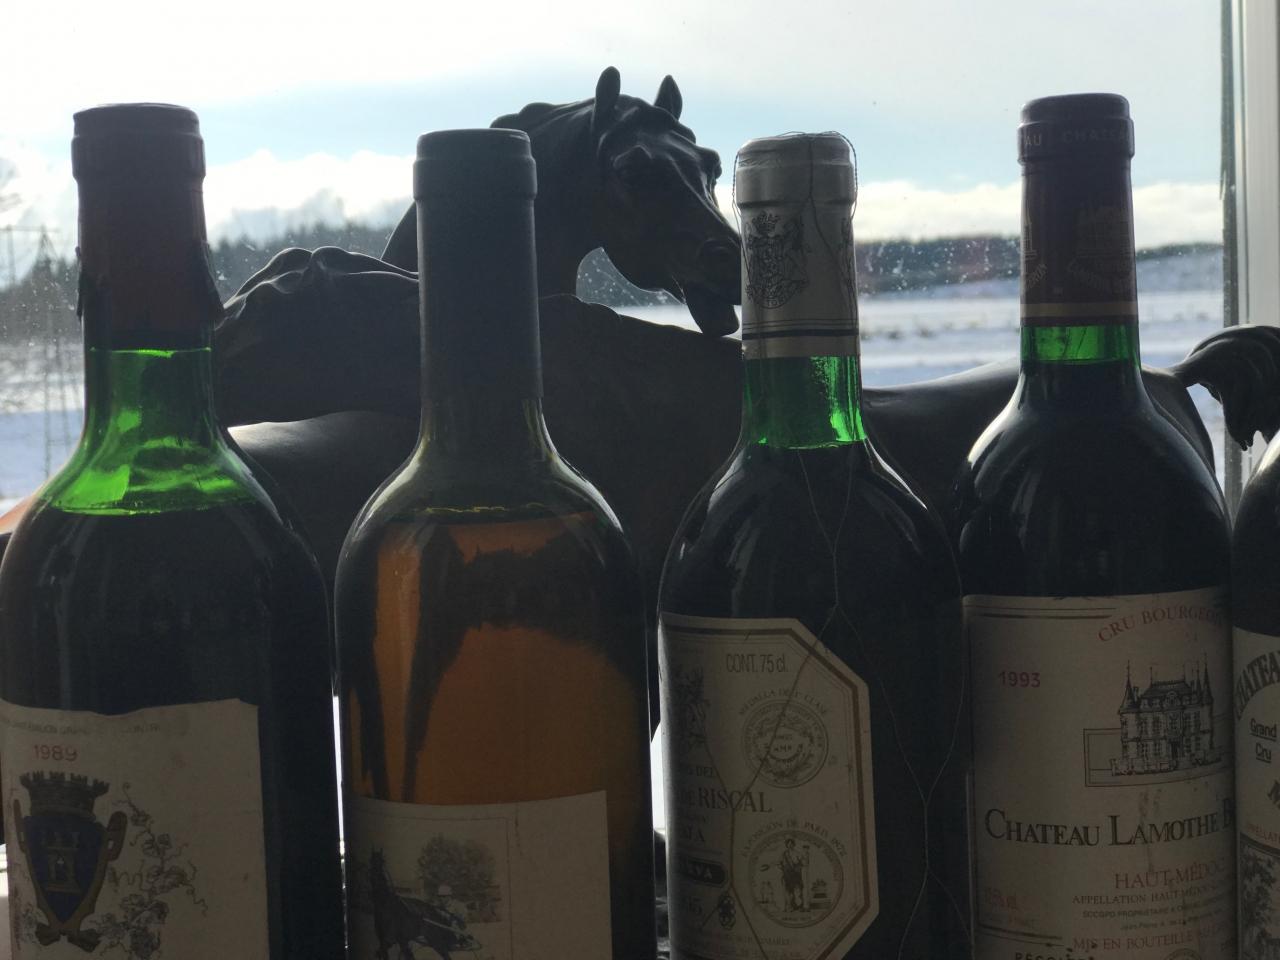 I Frankrike finns det mycket saker att njuta av, inte bara hästar utan också andra godsaker...